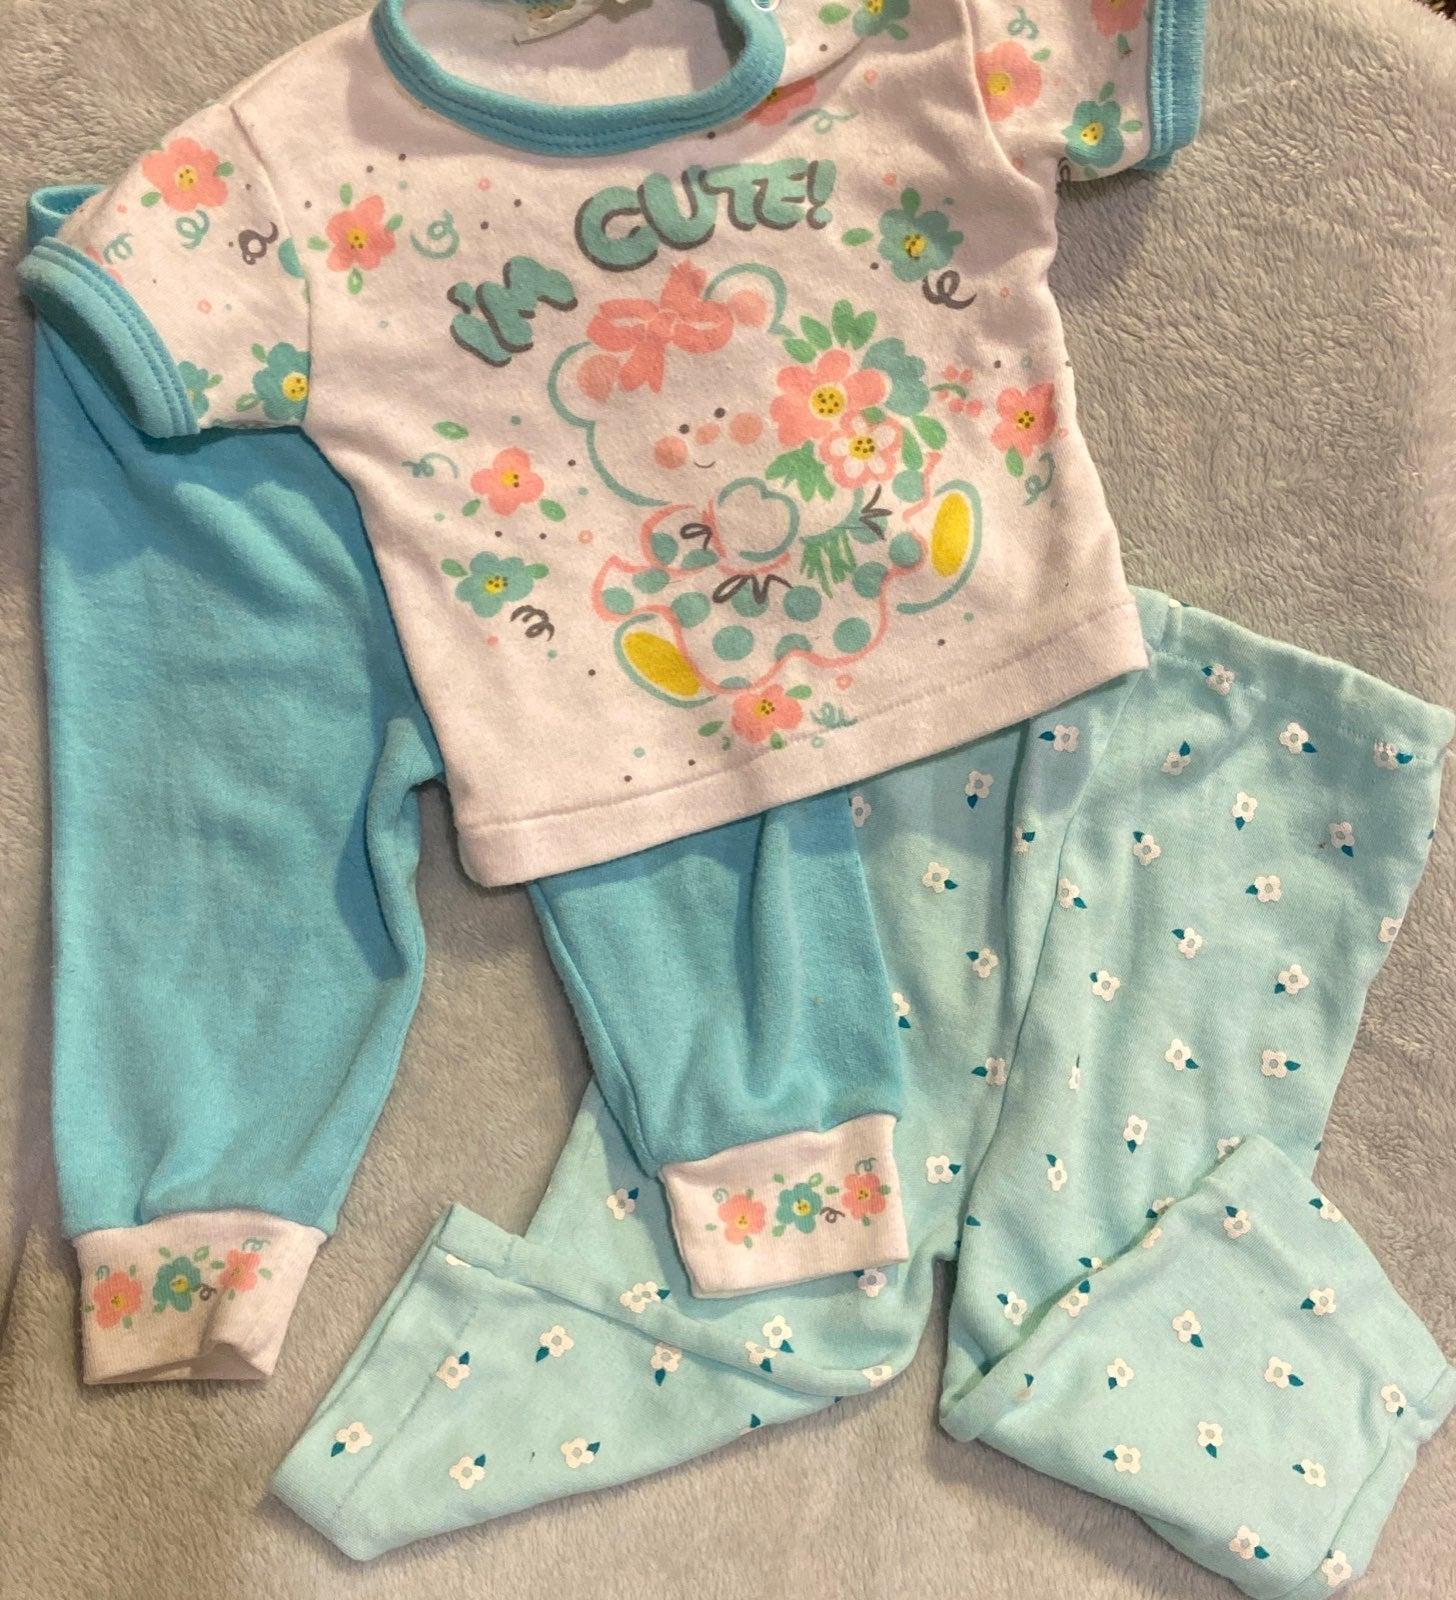 Vintage baby pajamas